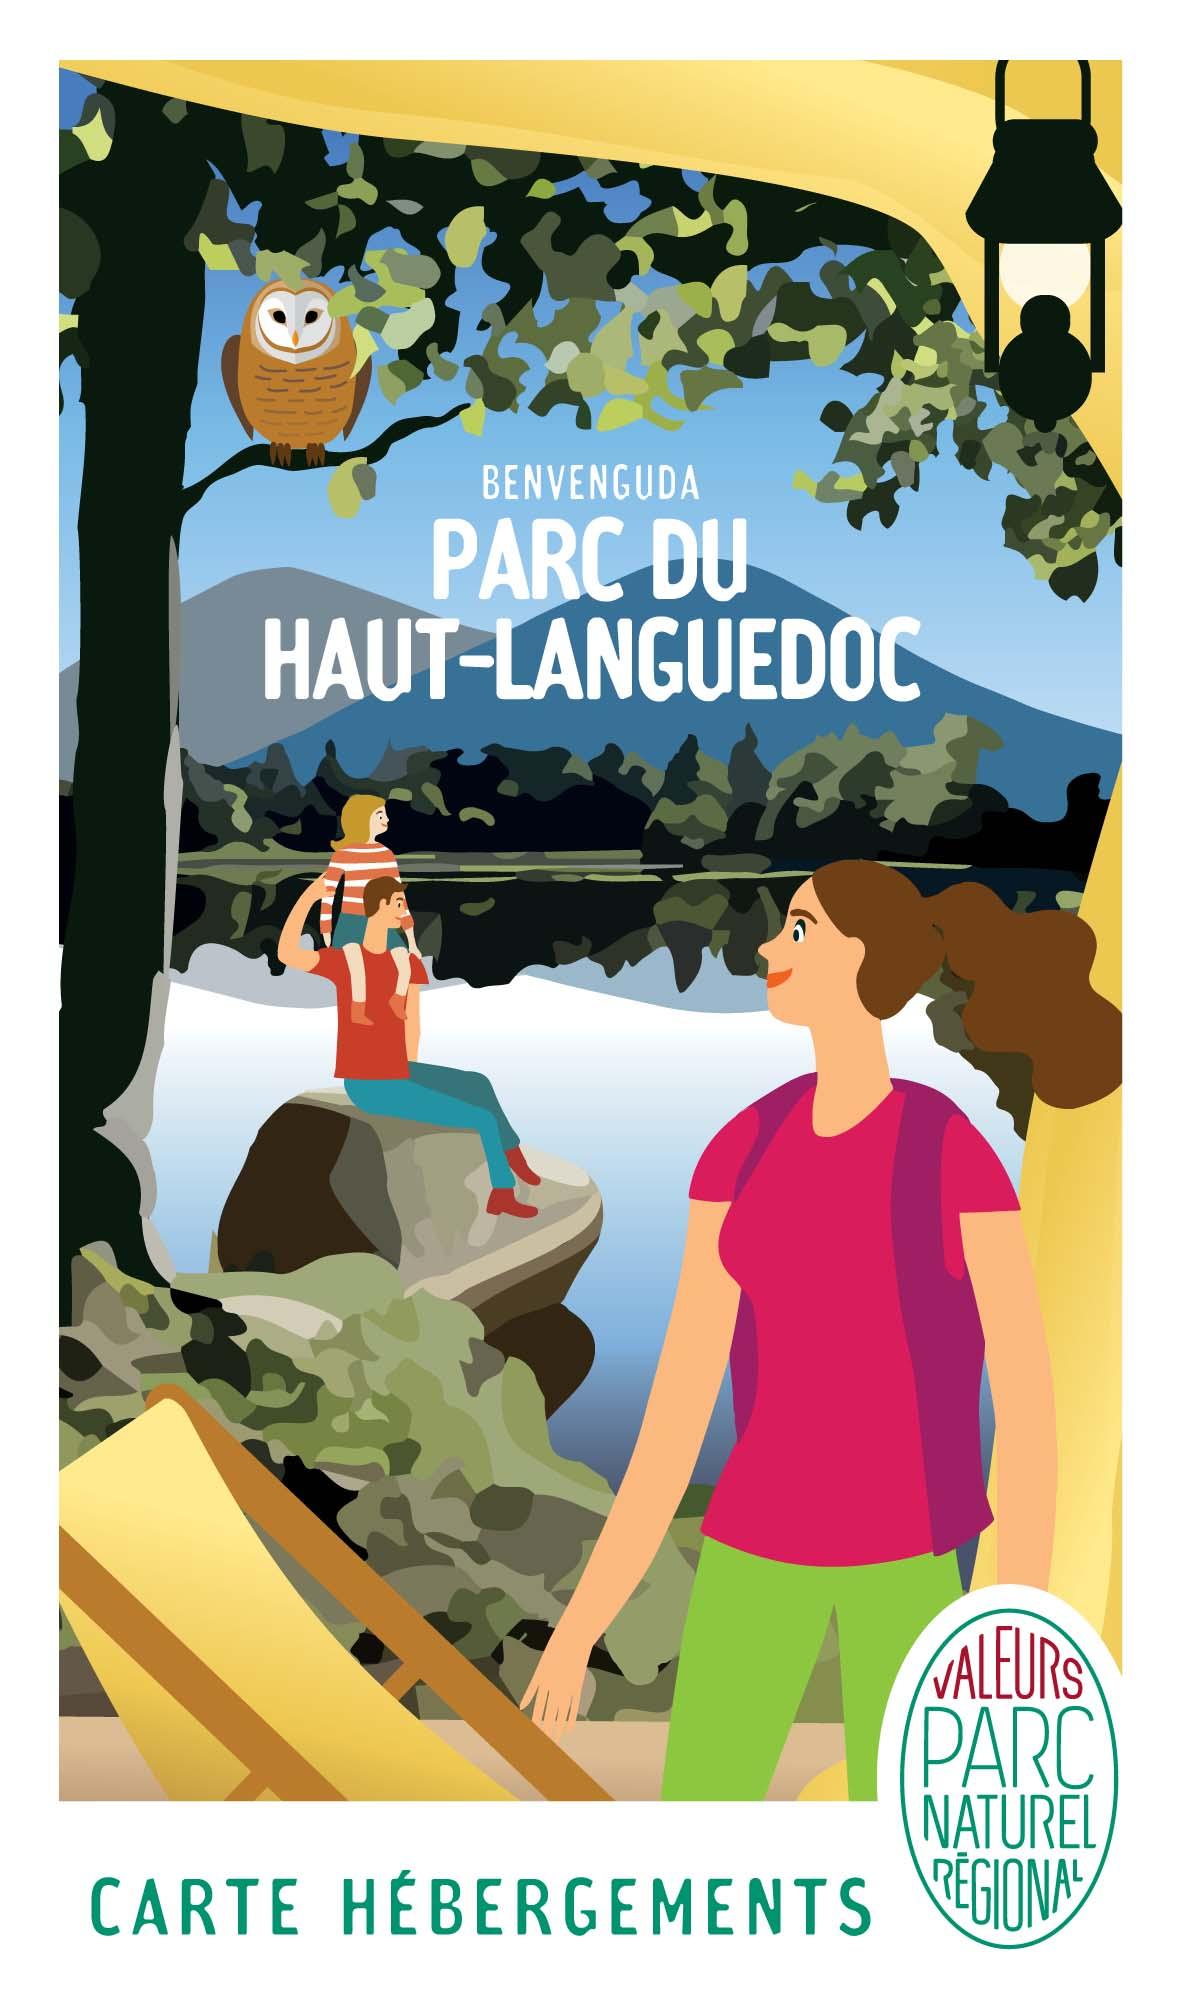 Carte des Hébergements de la marque Valeurs Parc naturel régional du Haut-Languedoc